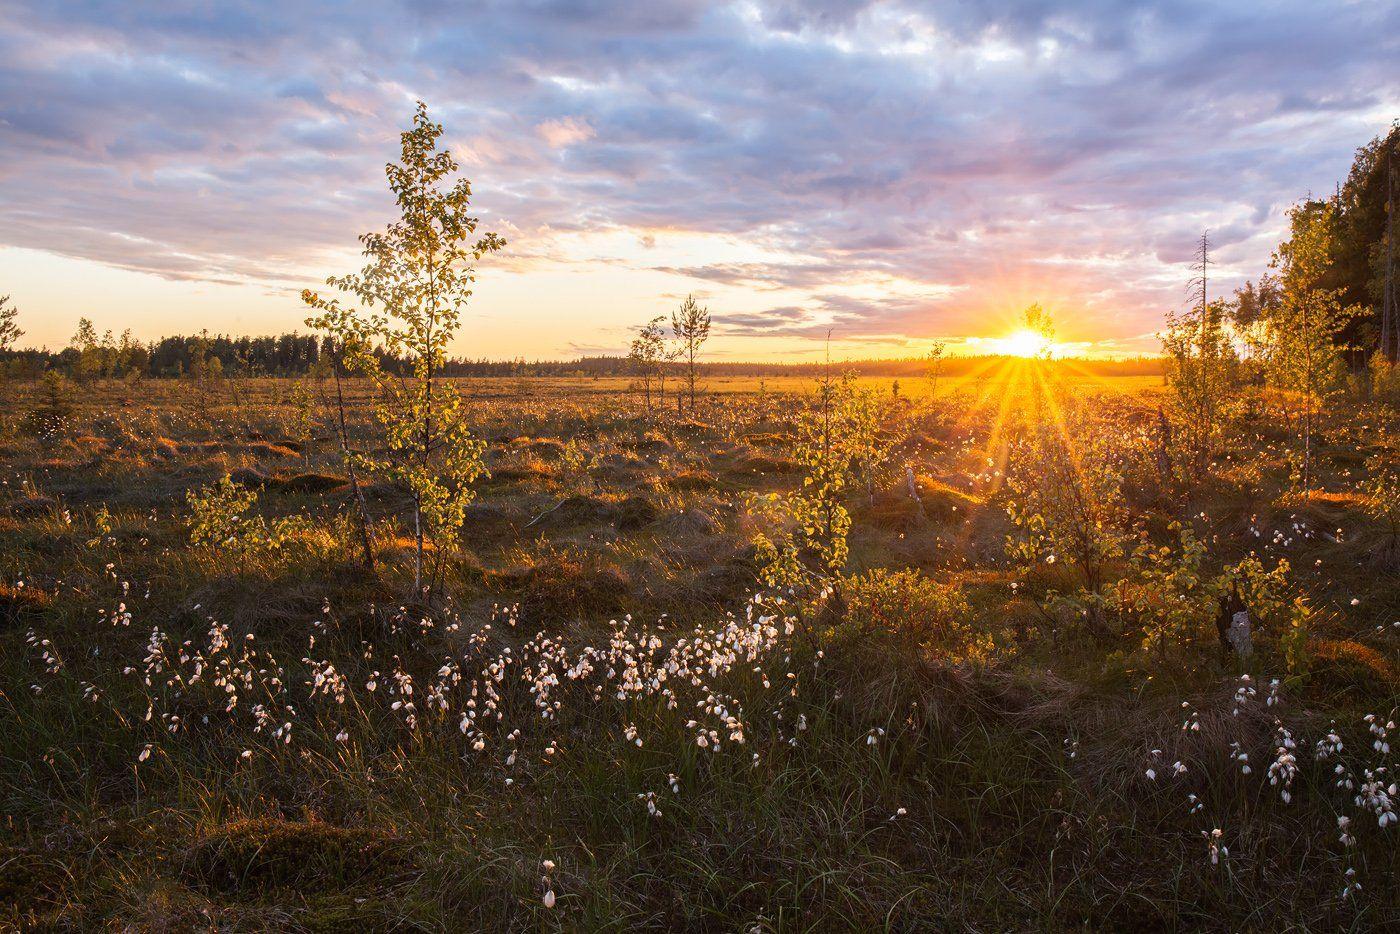 пушица, болота Ленинградской области, пейзажи ленобласти, Арсений Кашкаров